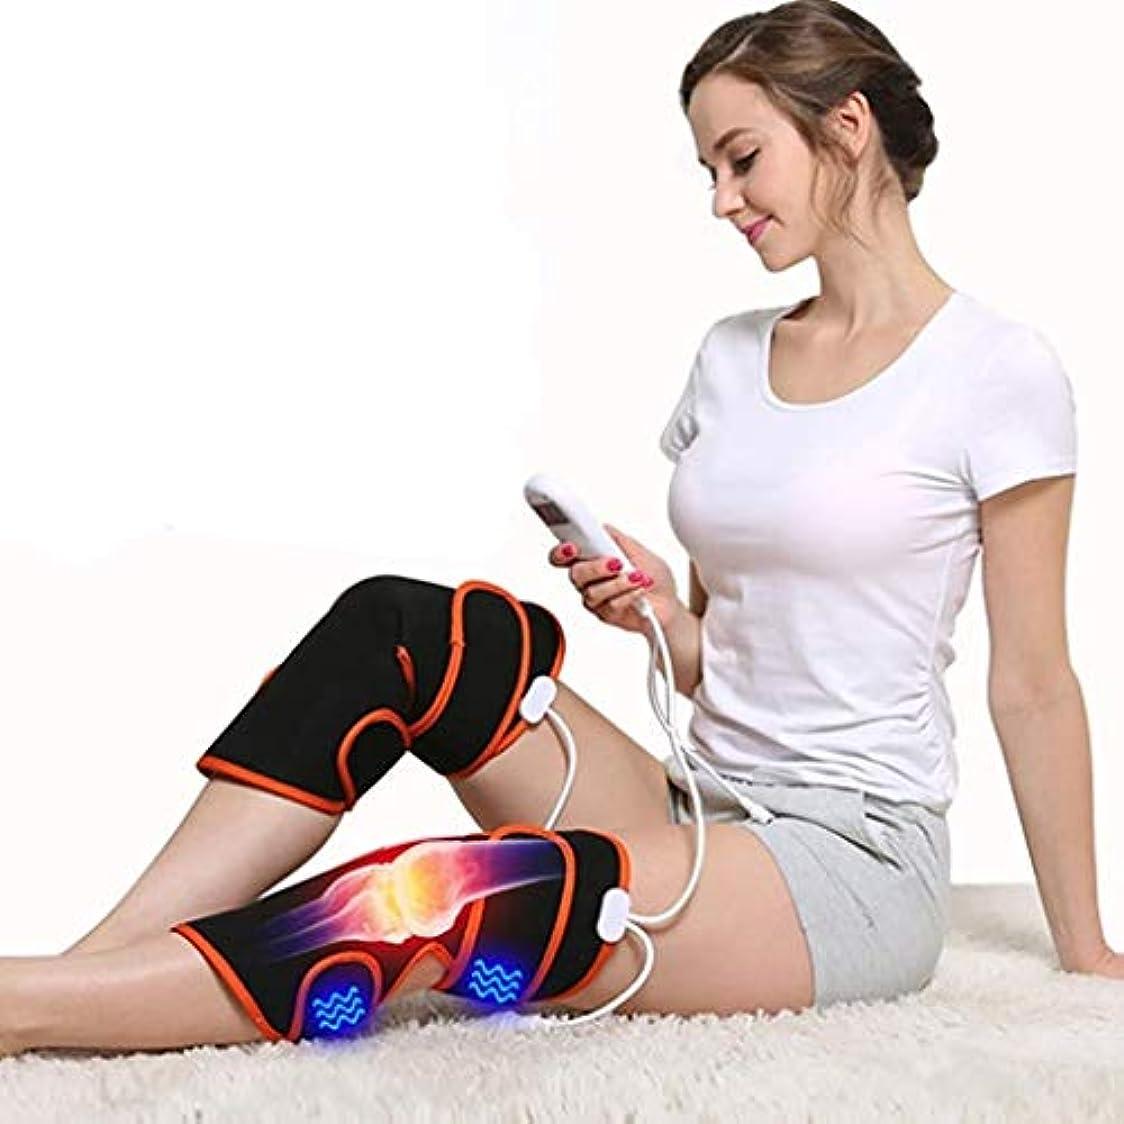 落ち着く介入するはがきレッグマッサージャー、膝用電熱パッド、9種類のマッサージモードと5種類の調整可能な温かい温熱療法